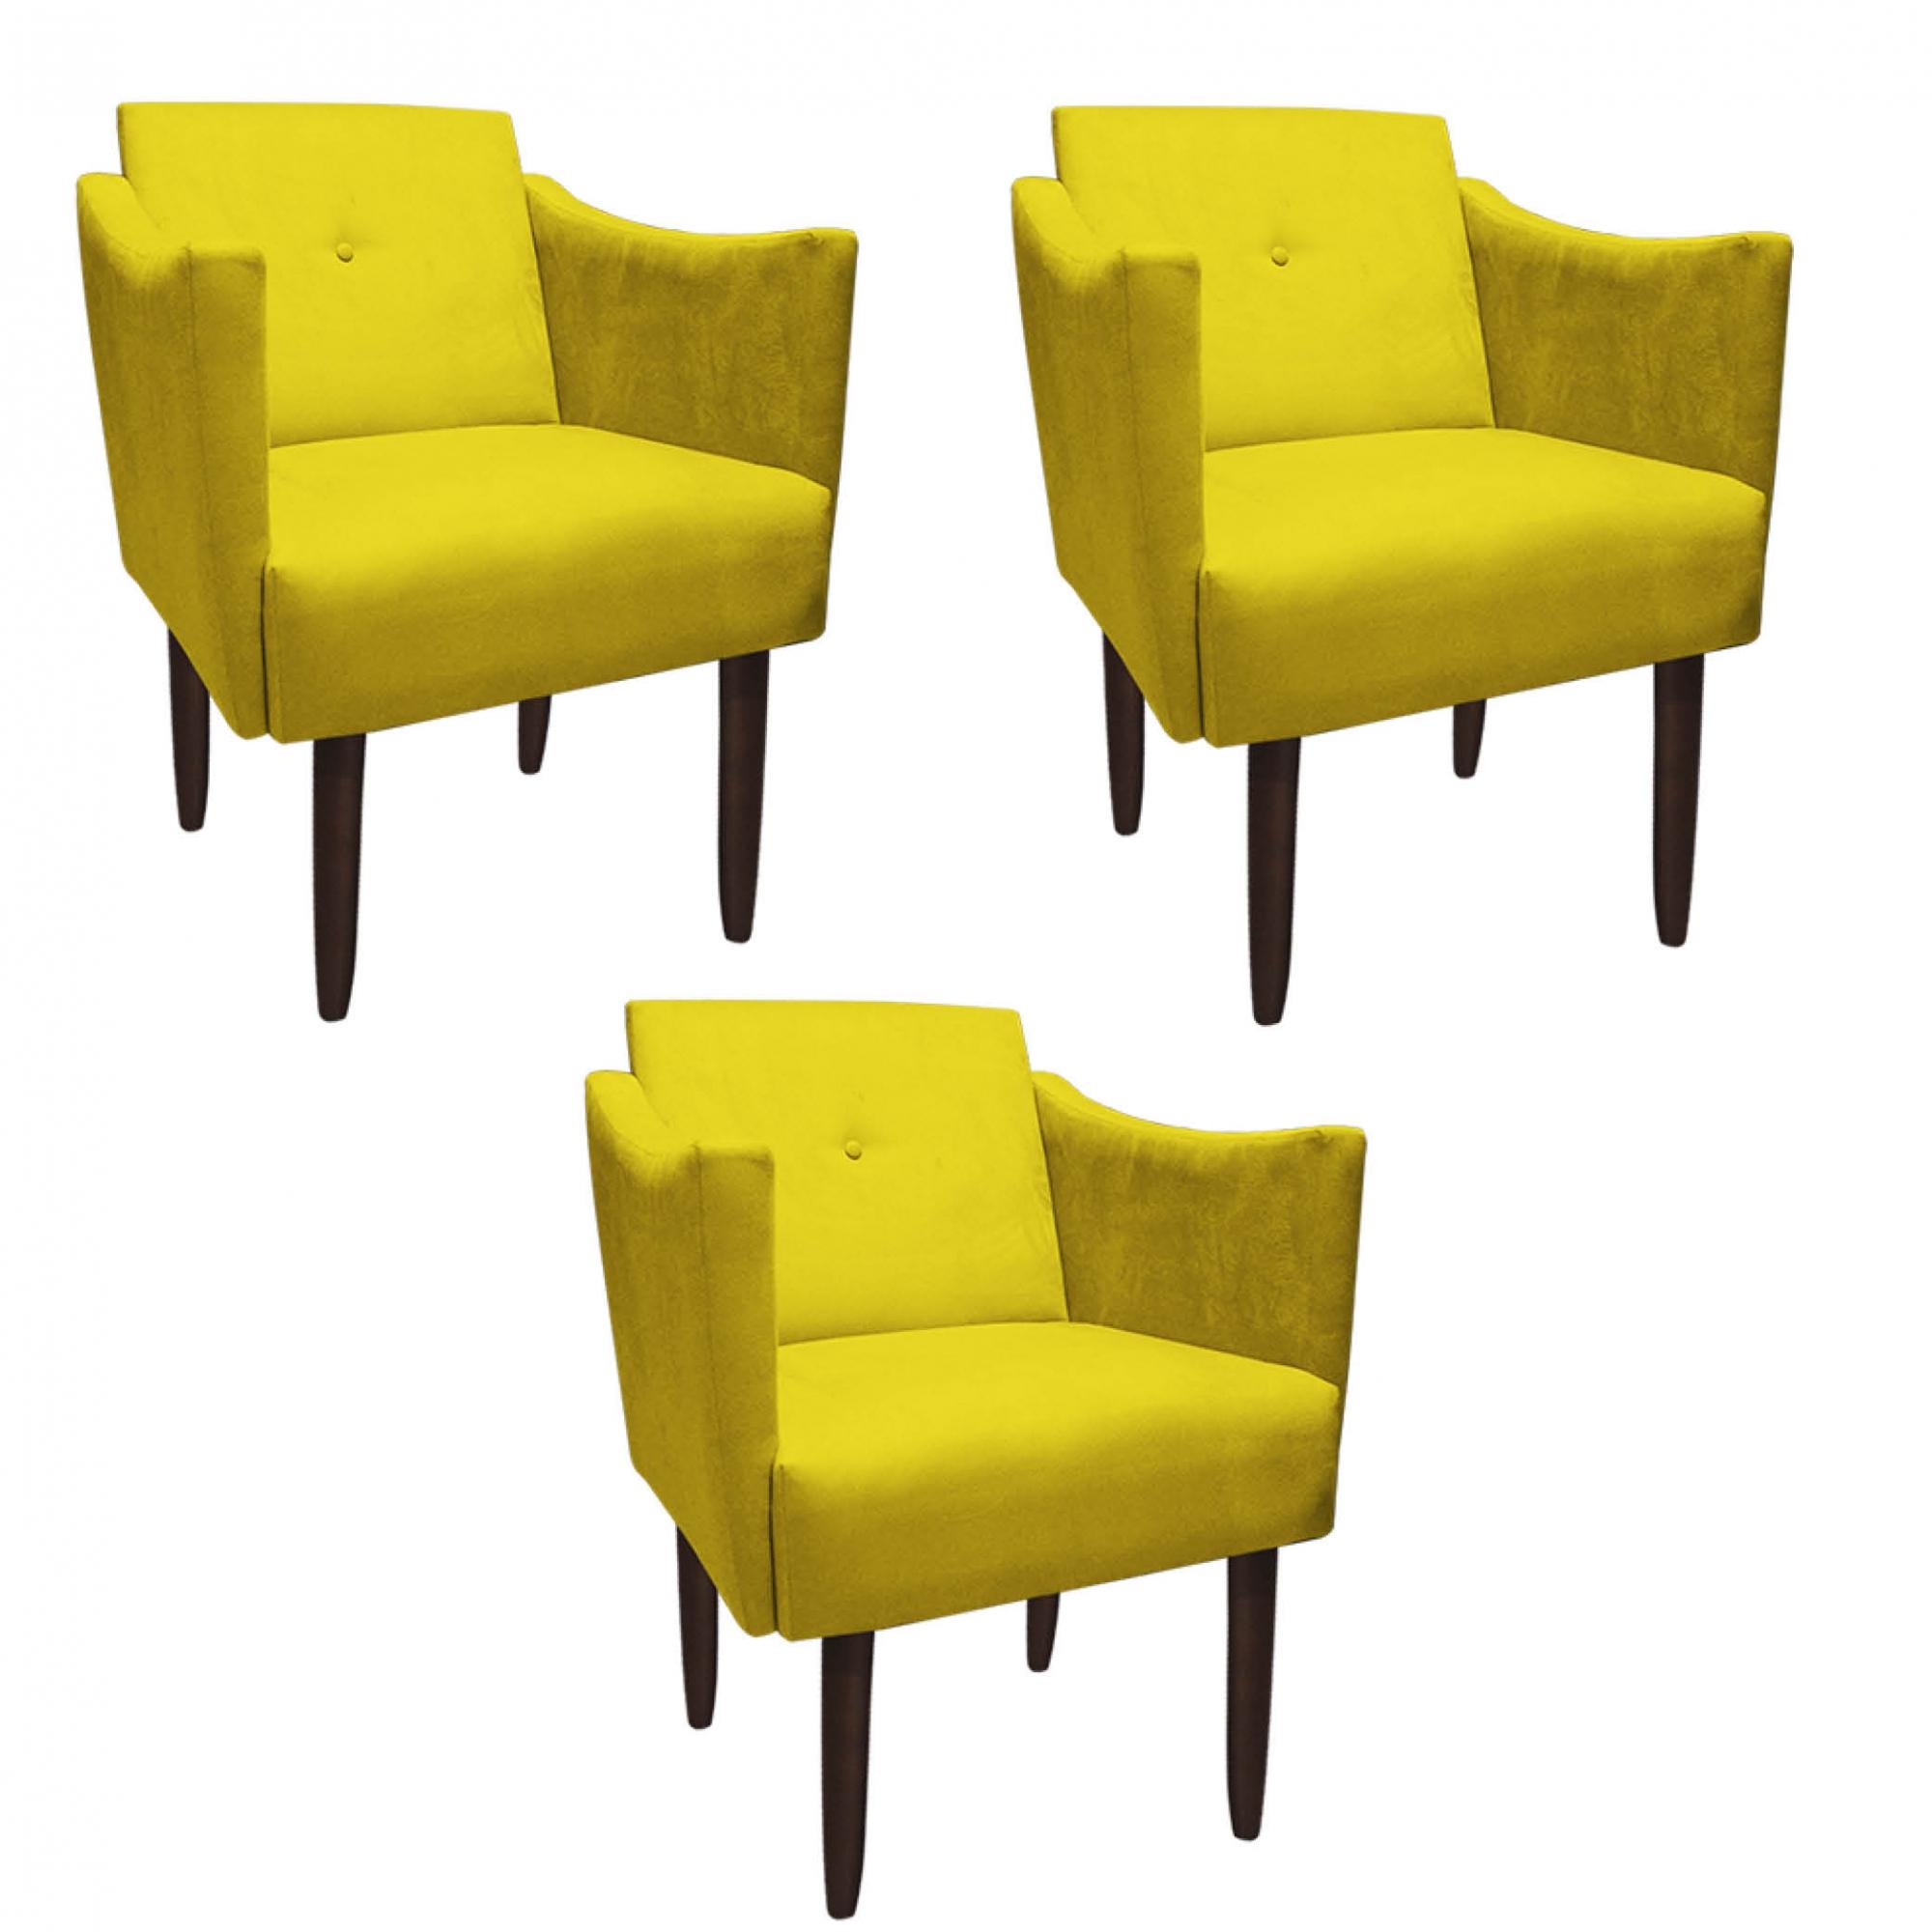 Kit 3 Poltrona Naty Decoração Escritório Salão Cadeira Recepção Escritório Sala Estar D'Classe Decor Suede Amarelo